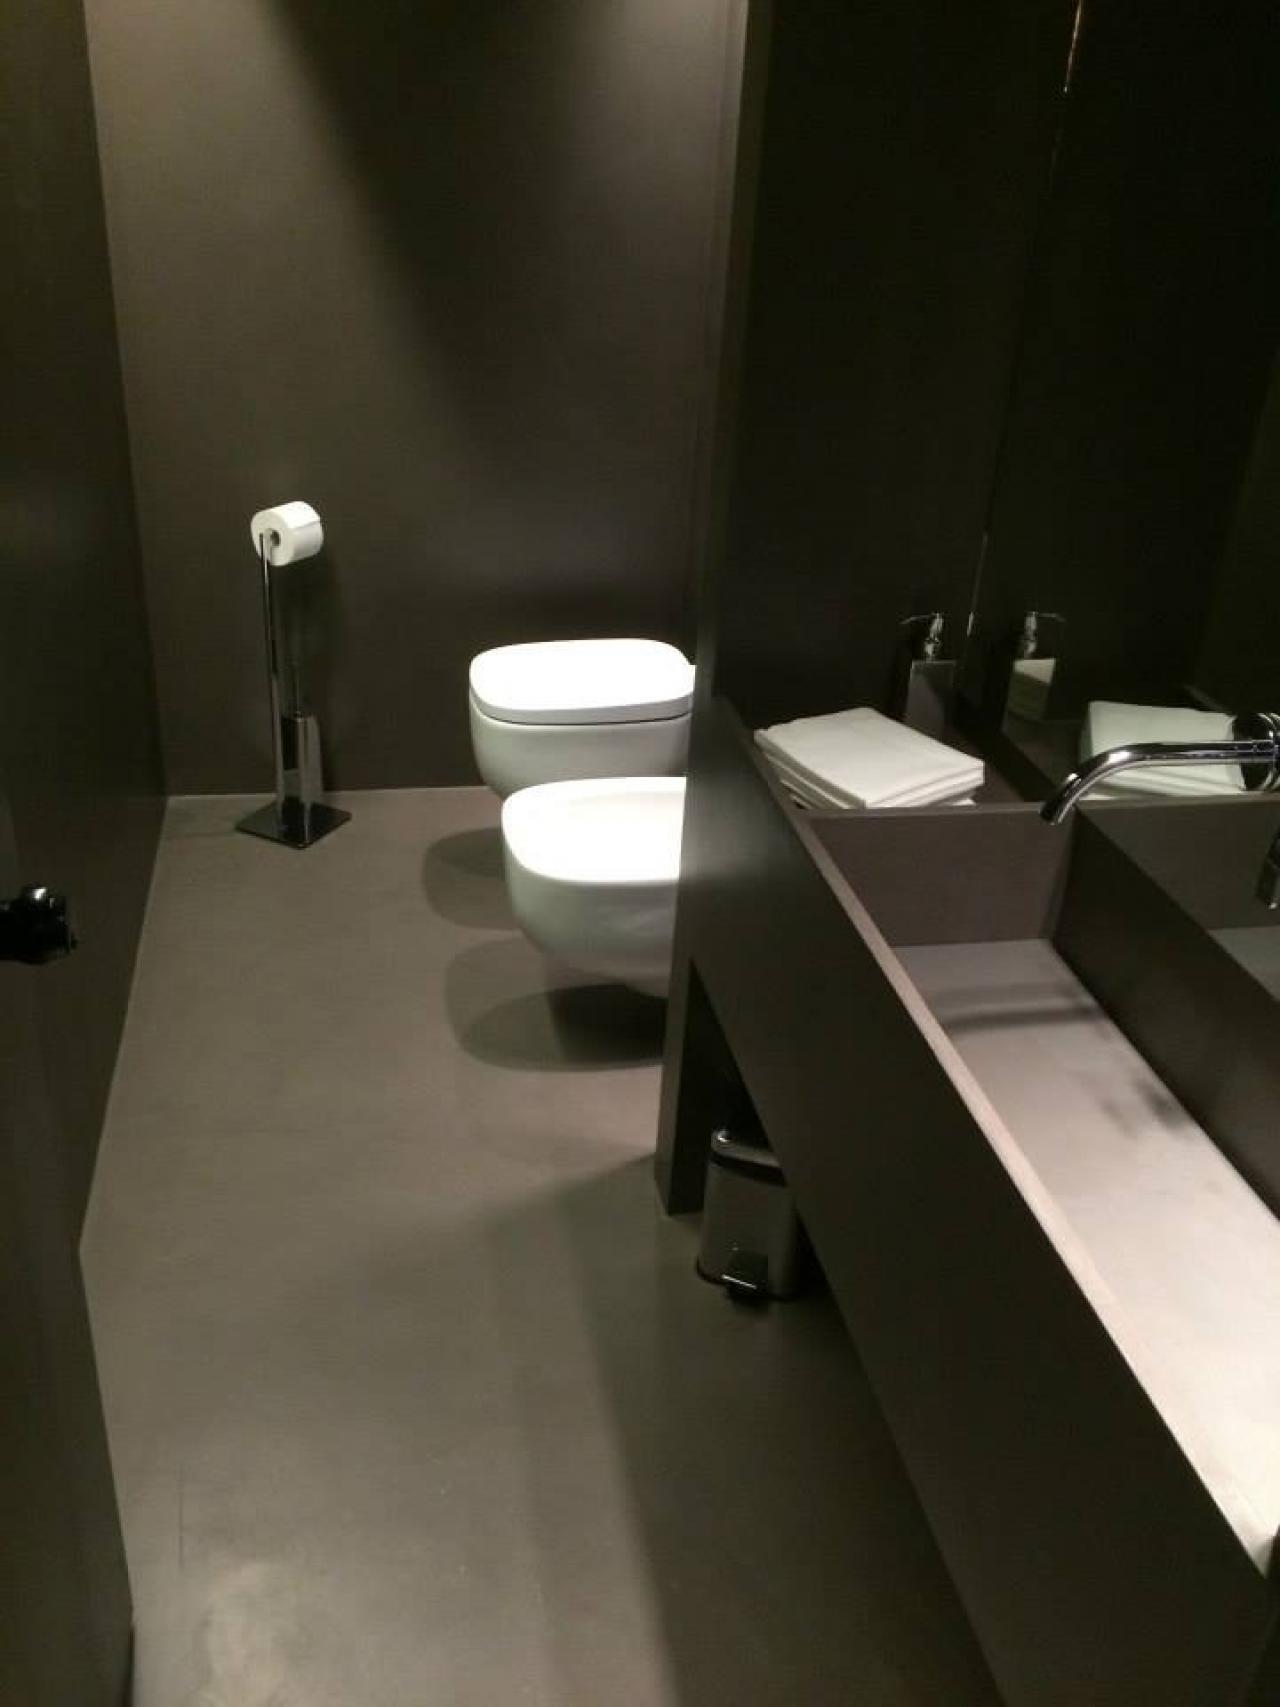 Resina kerakoll per pavimenti e rivestimenti a vicenza - Resina per bagno ...